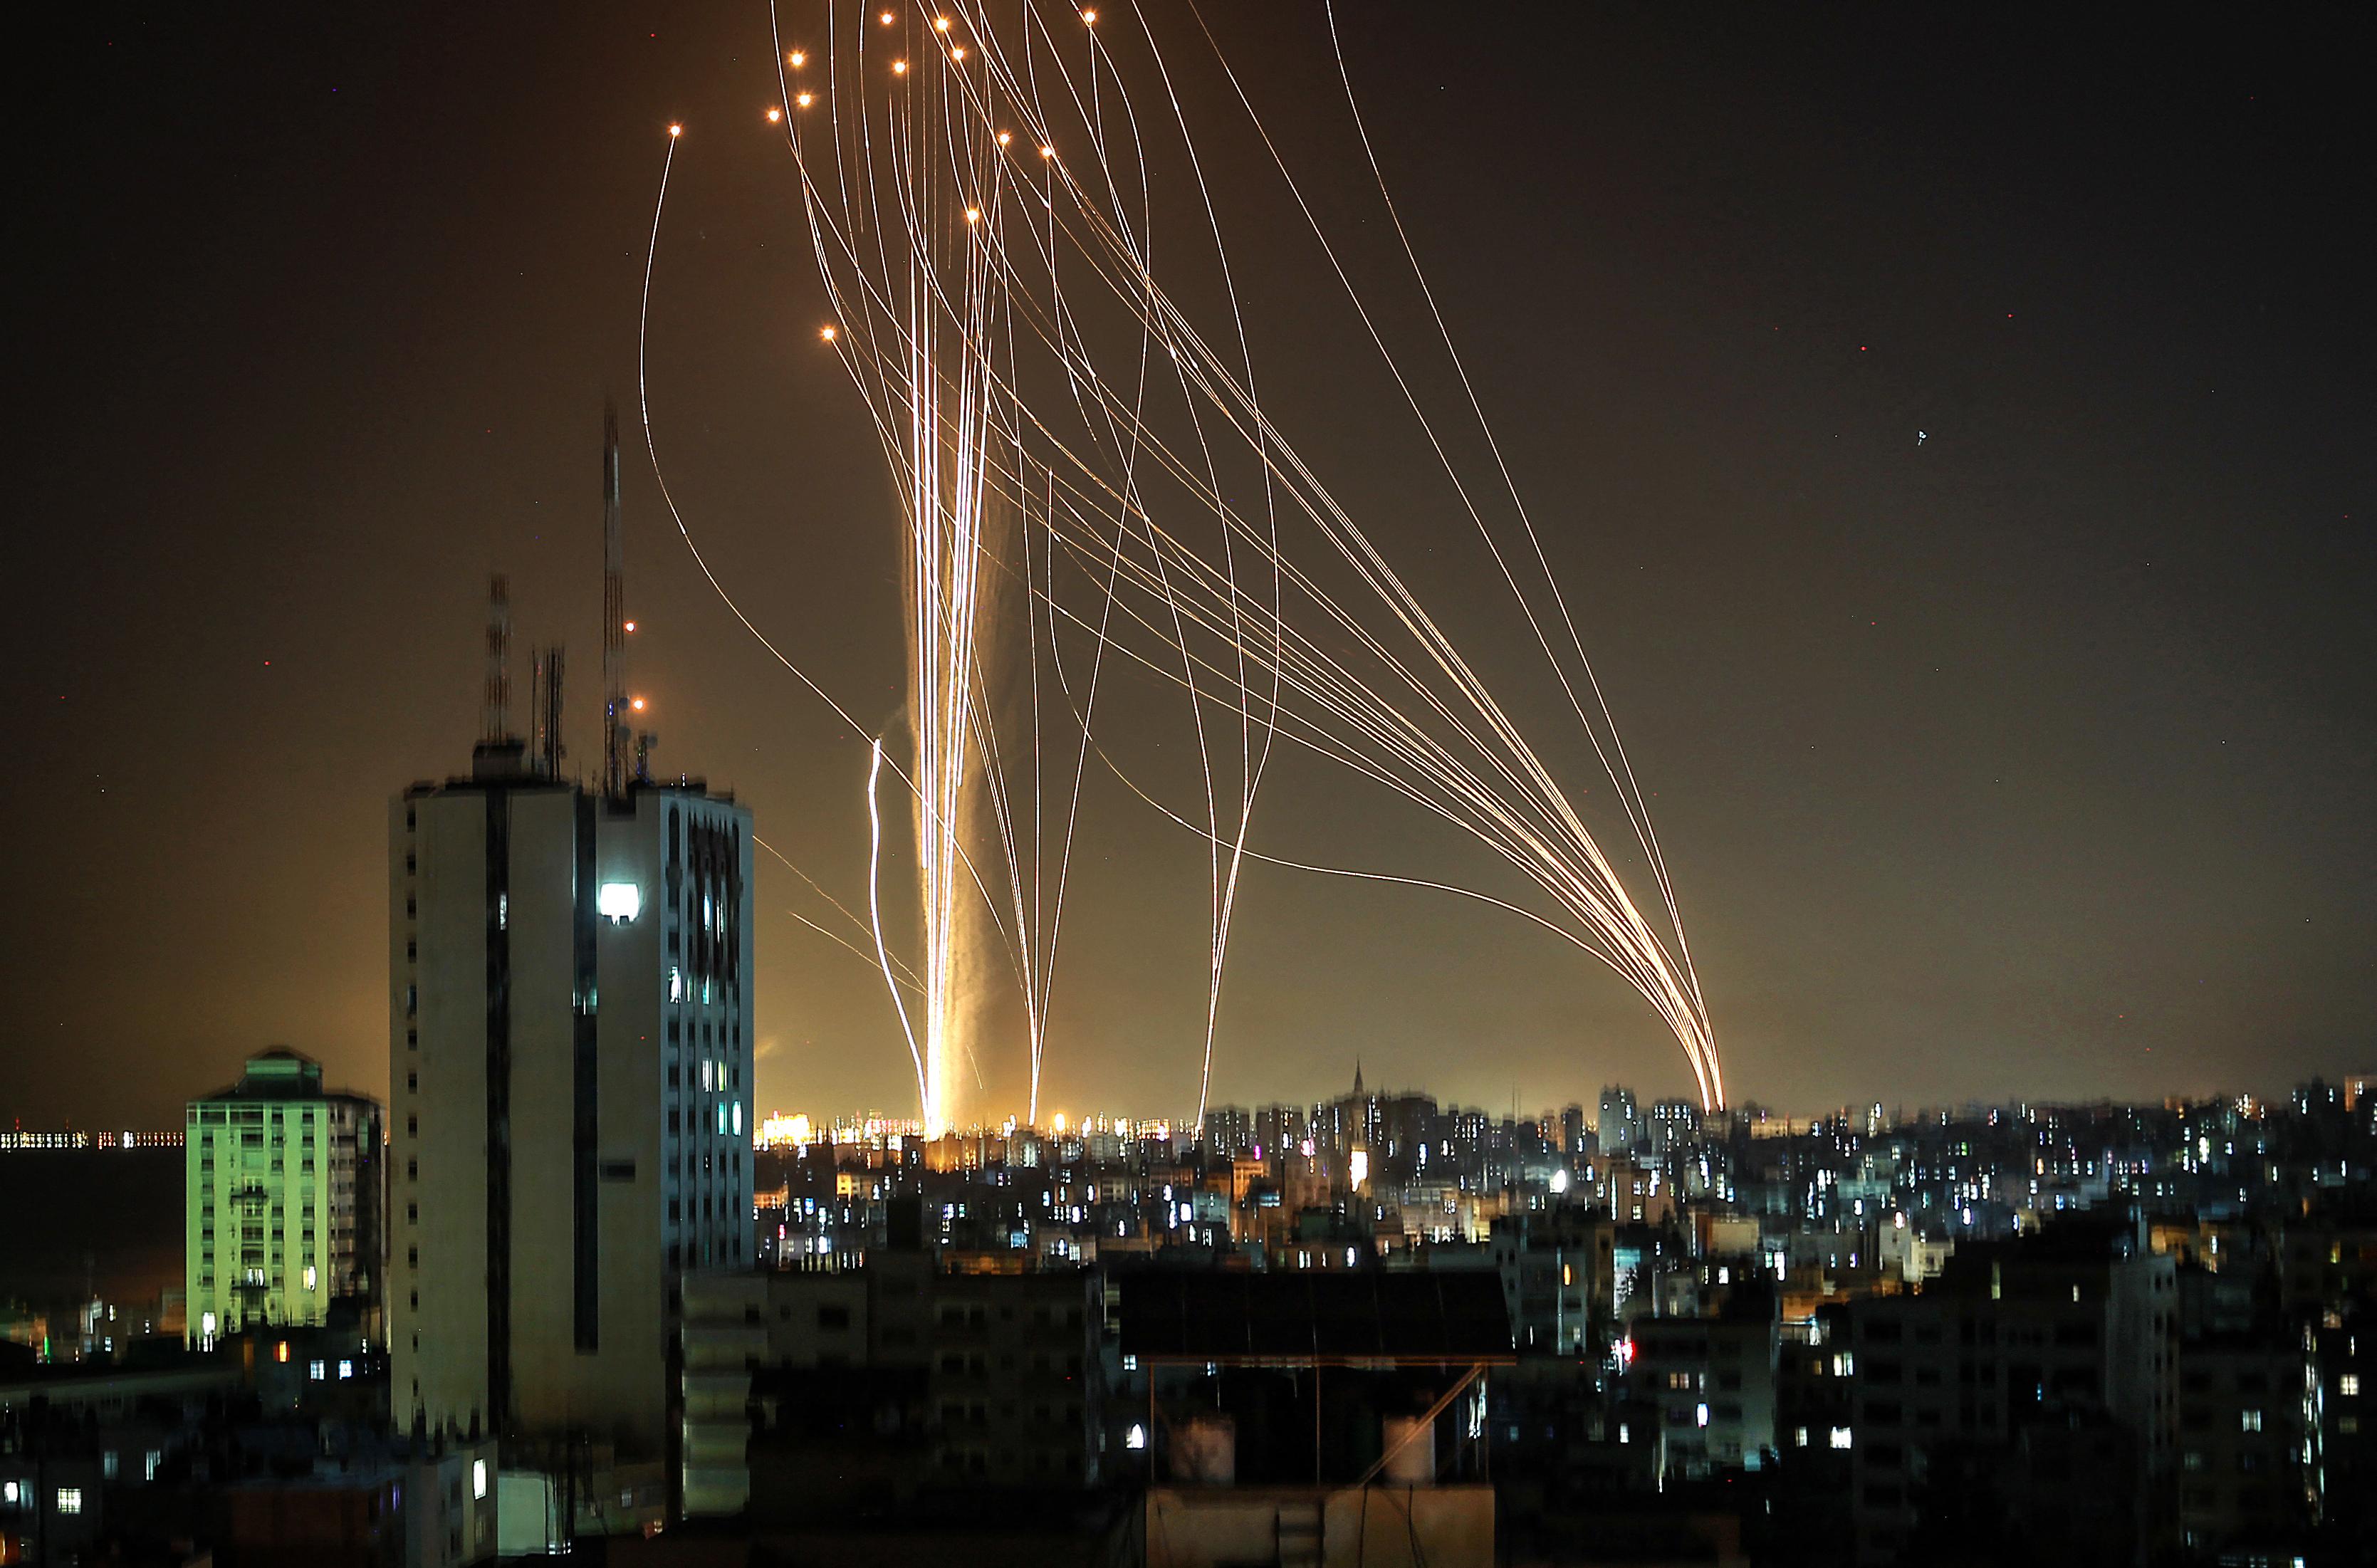 (Foto: ANAS BABA / AFP)